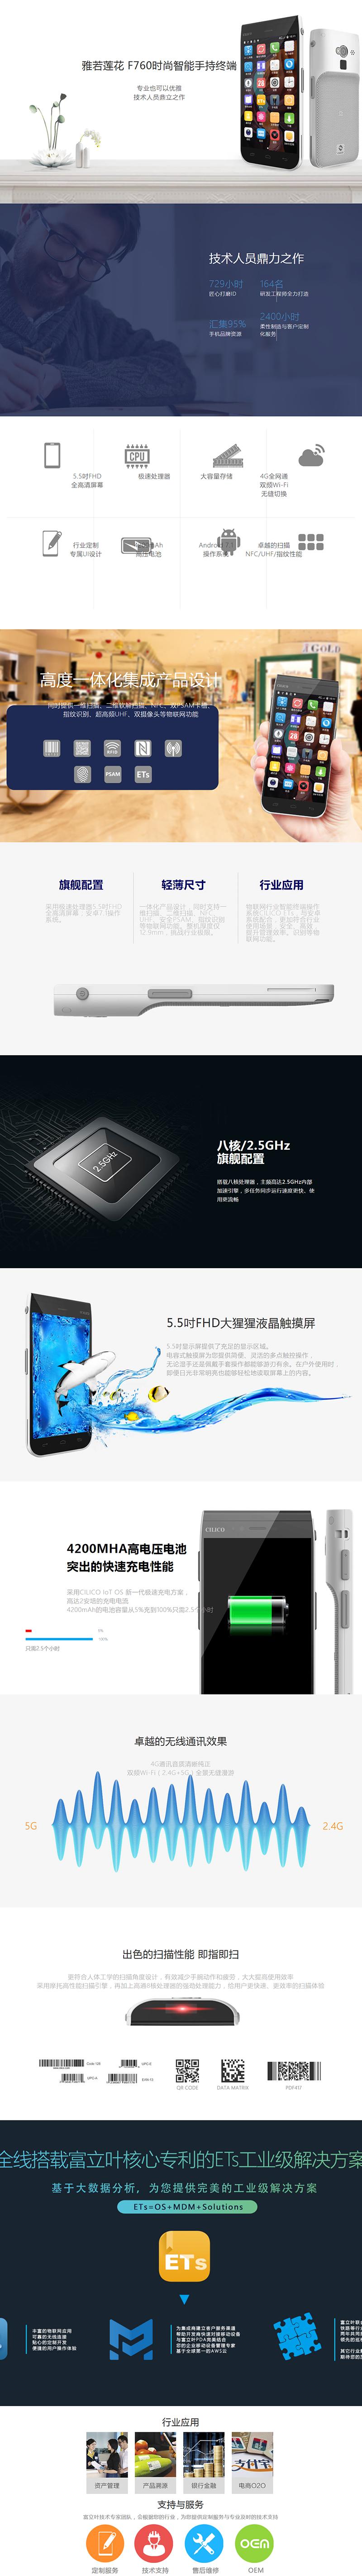 莲花系列F760时尚智能手持终端_NFC手持机_RFID手持终端_手持PDA_条码扫描器--富立叶C.png